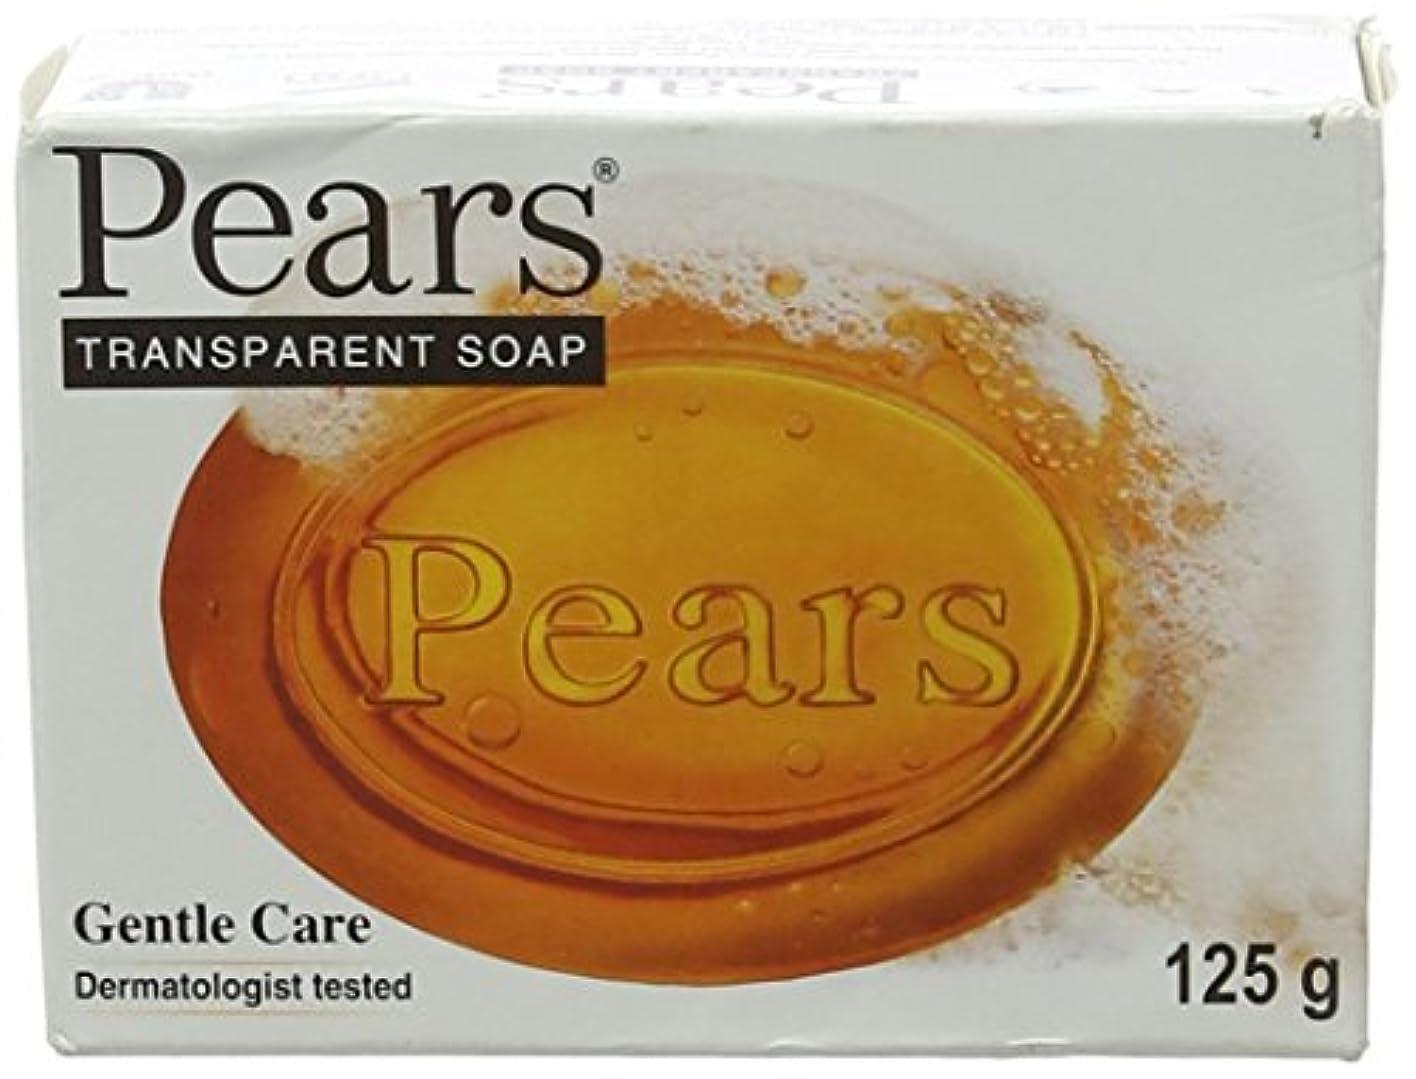 振り向くポテトワームPears Transparent Soap (orange) (125g) 梨透明石鹸(オレンジ) ( 125グラム)